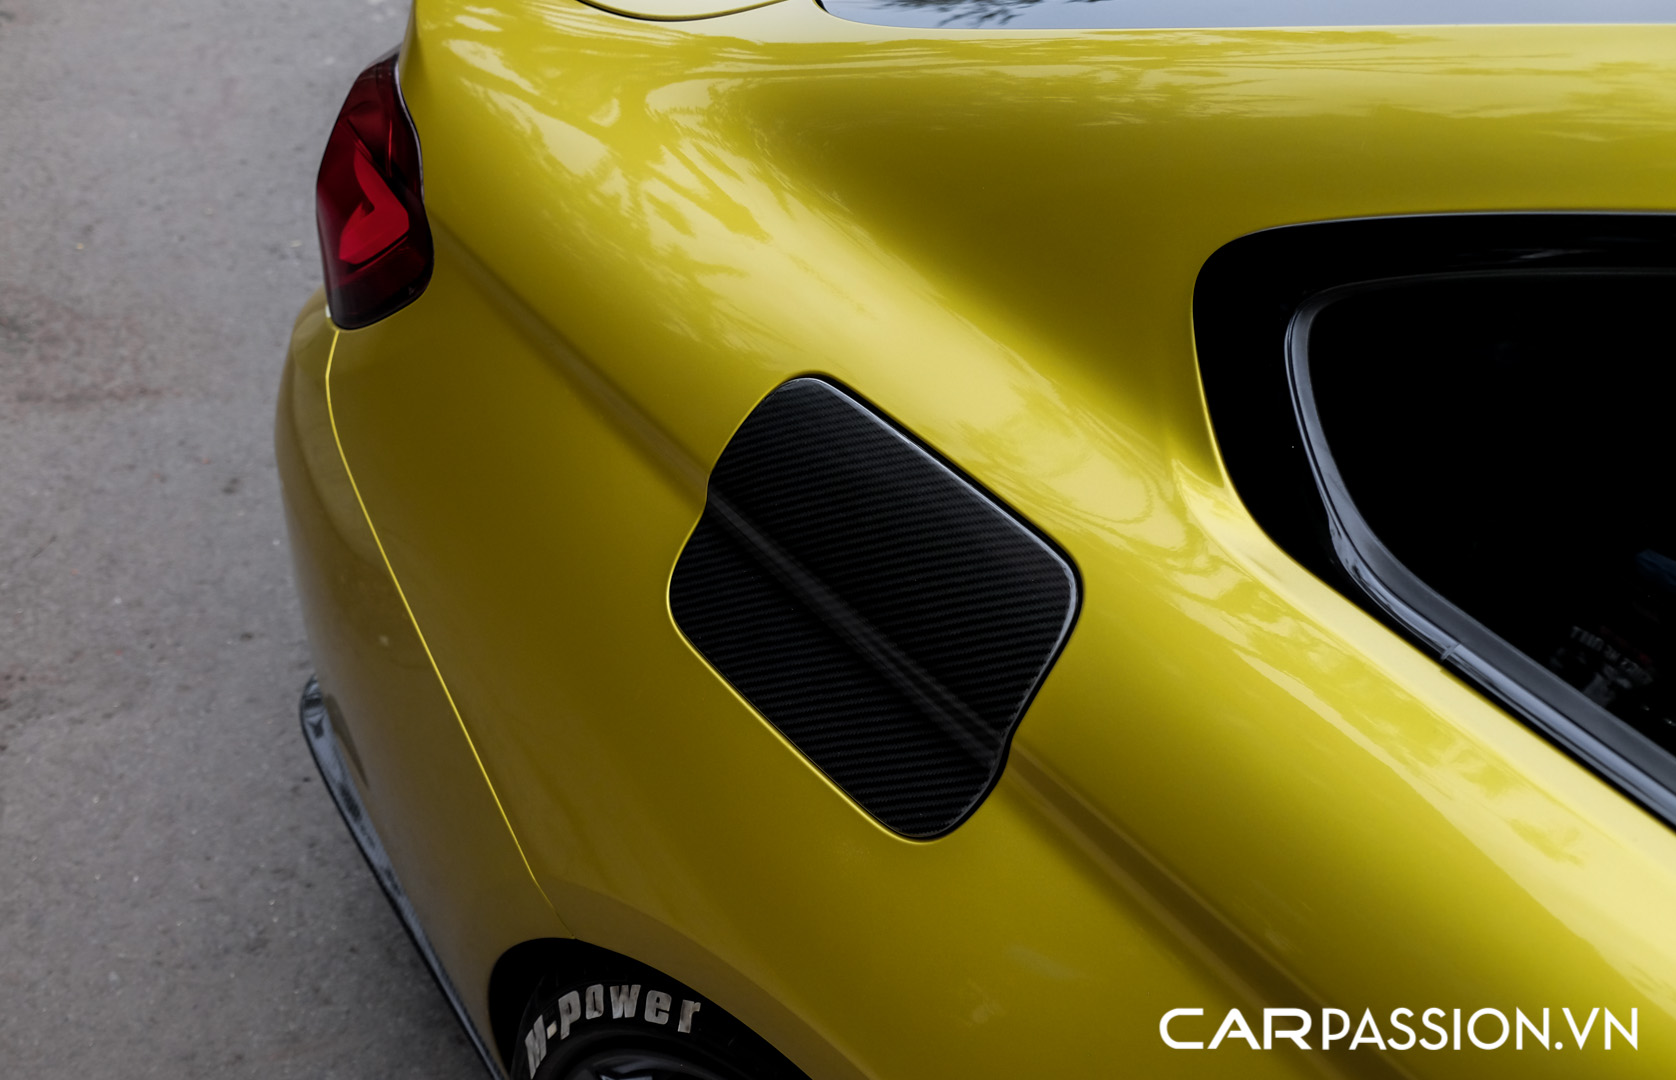 CP-BMW M4 F8 được rao bán (33).jpg